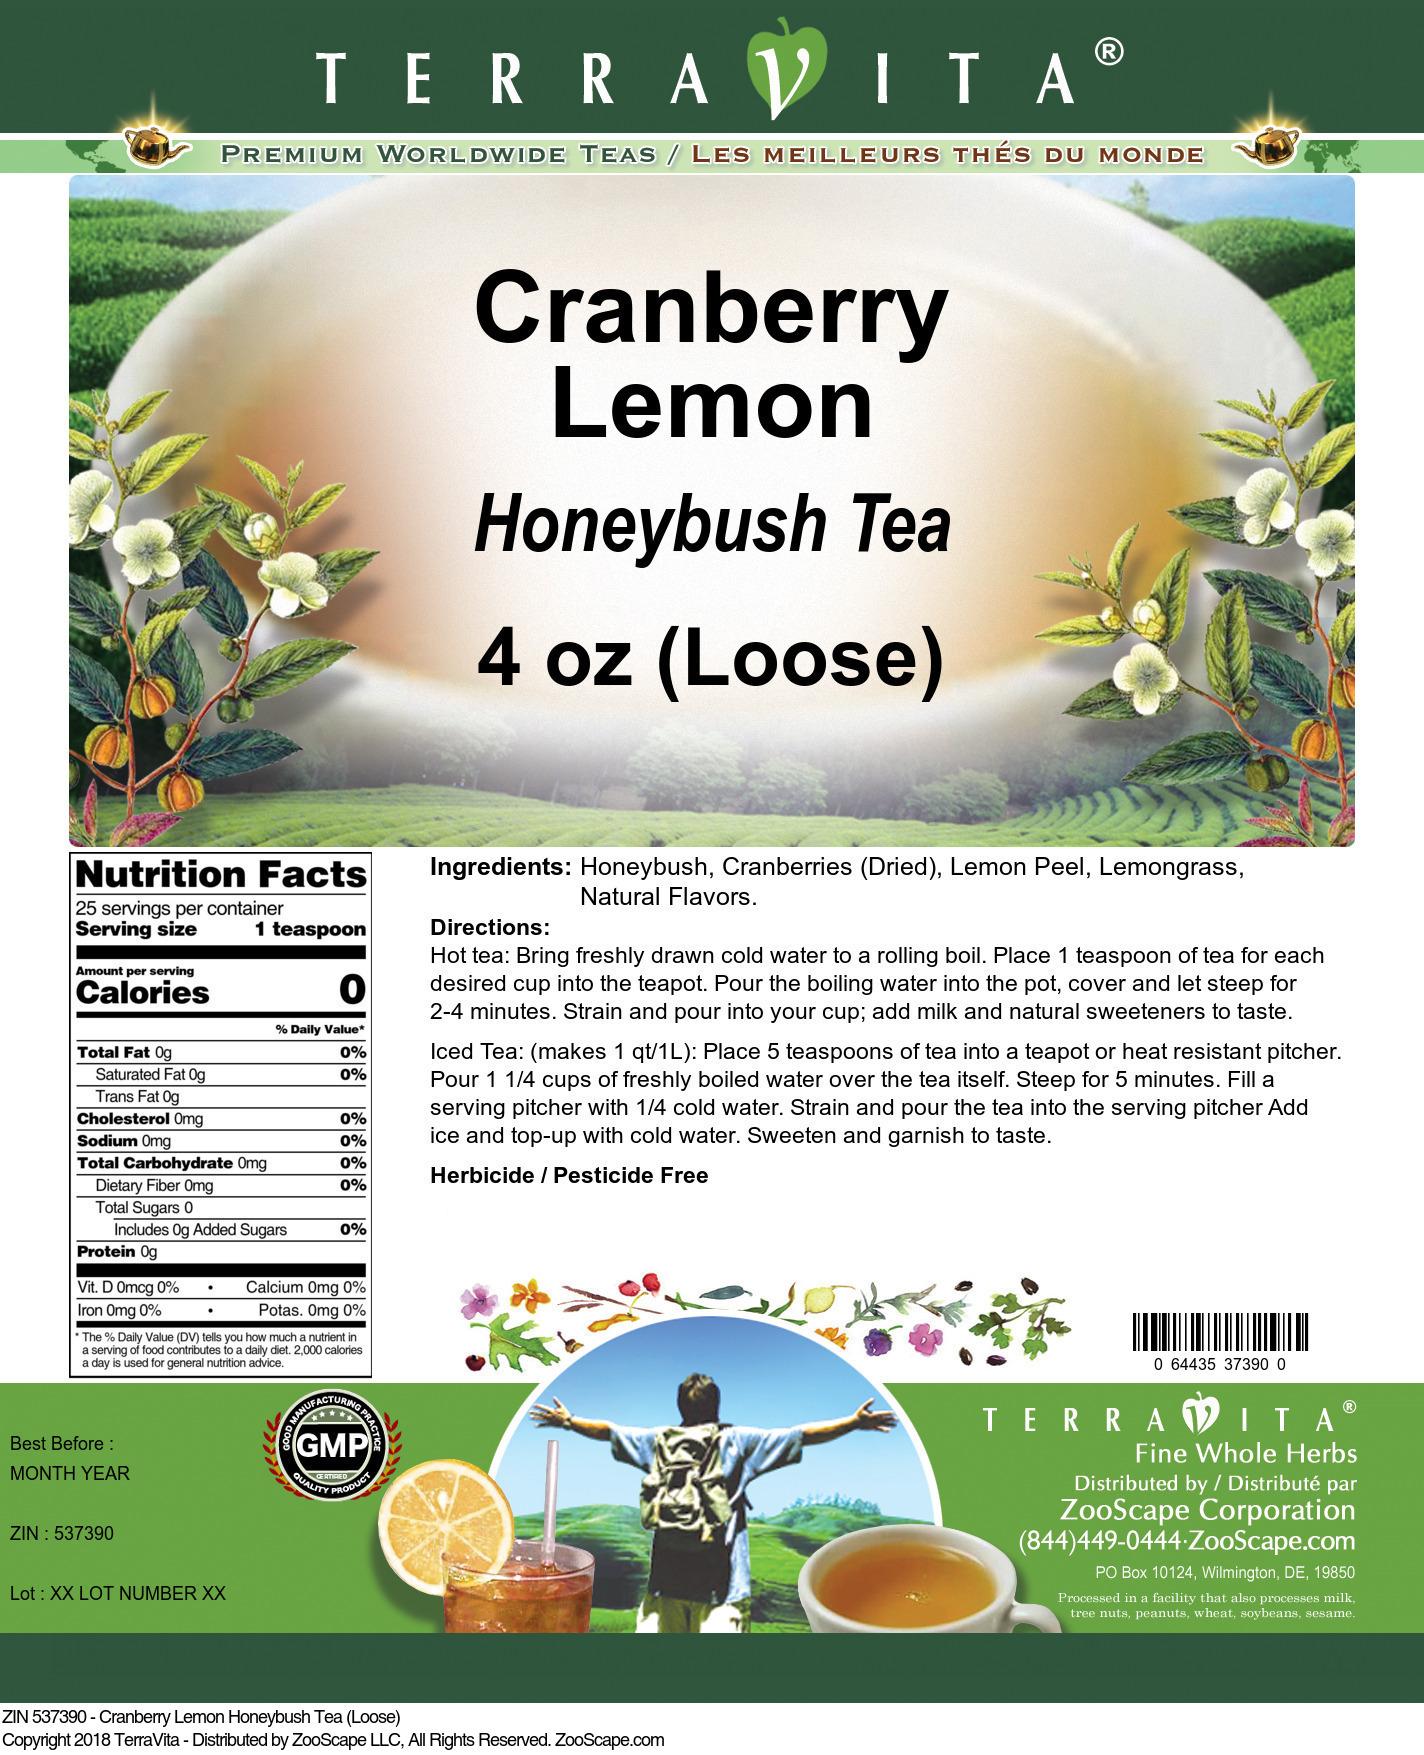 Cranberry Lemon Honeybush Tea (Loose)